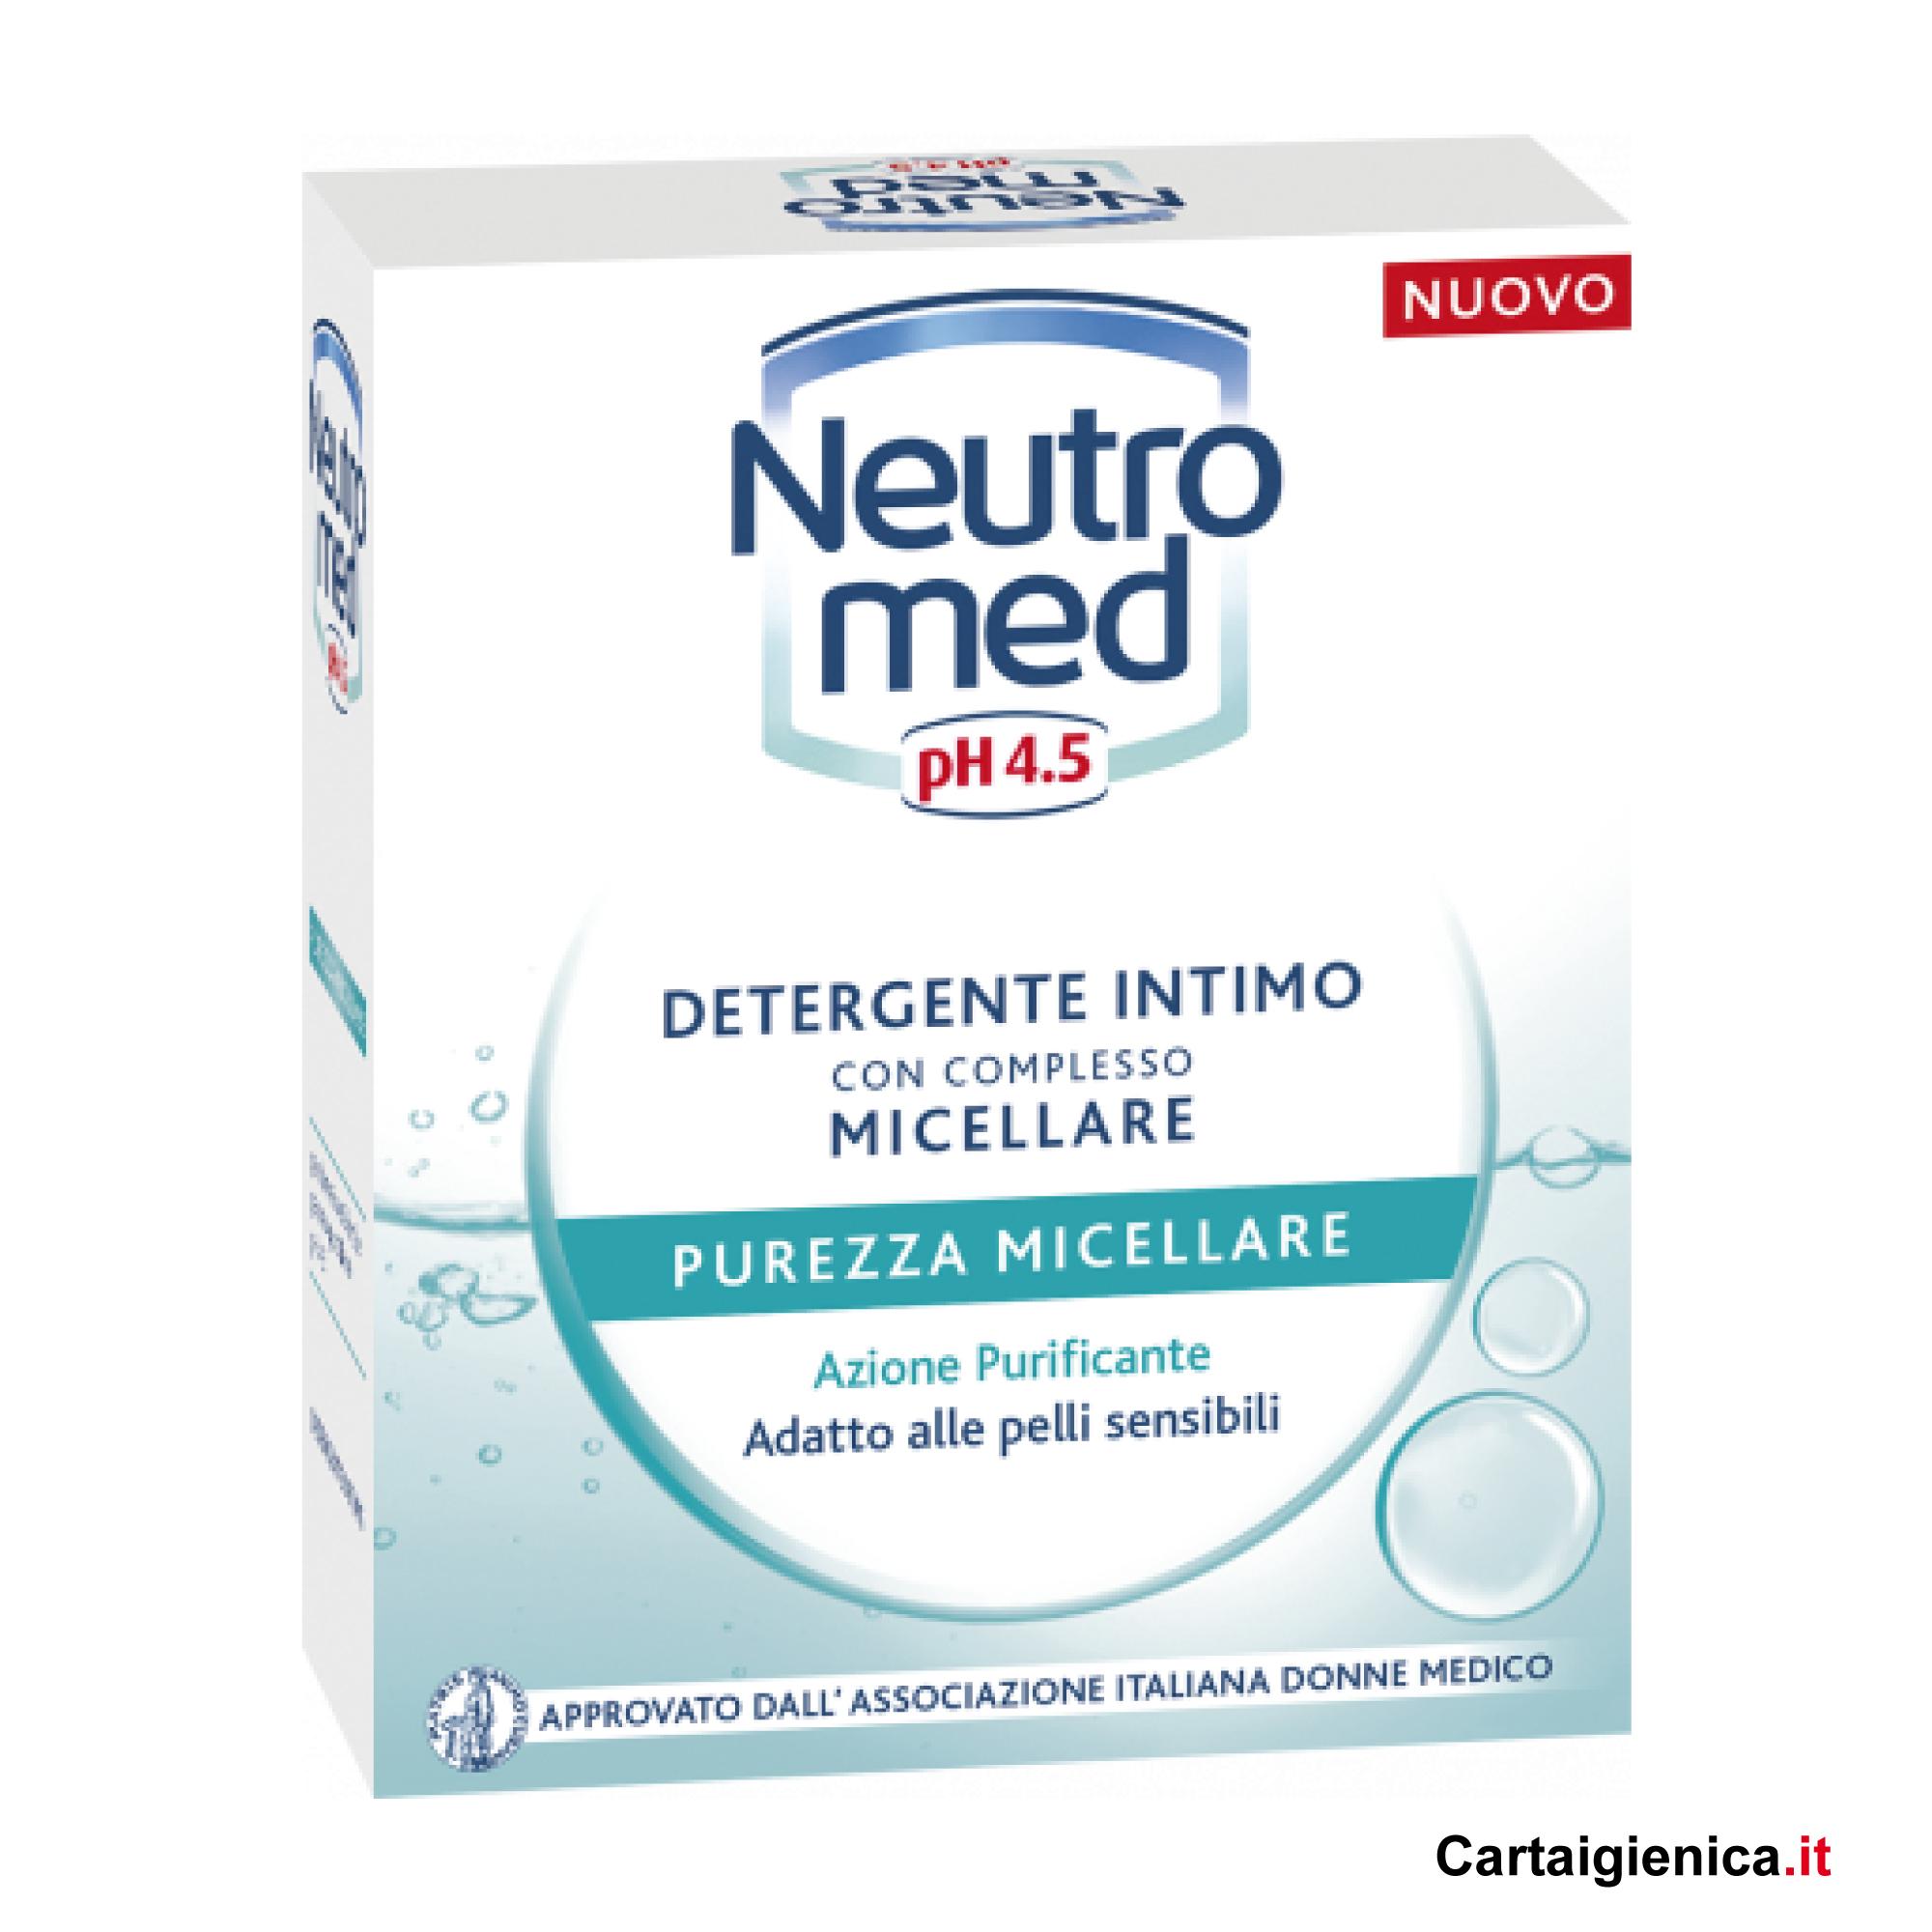 Neutromed Detergente Intimo con Complesso Micellare Purezza Micellare Azione Purificante ph 4.5 - 200 ml